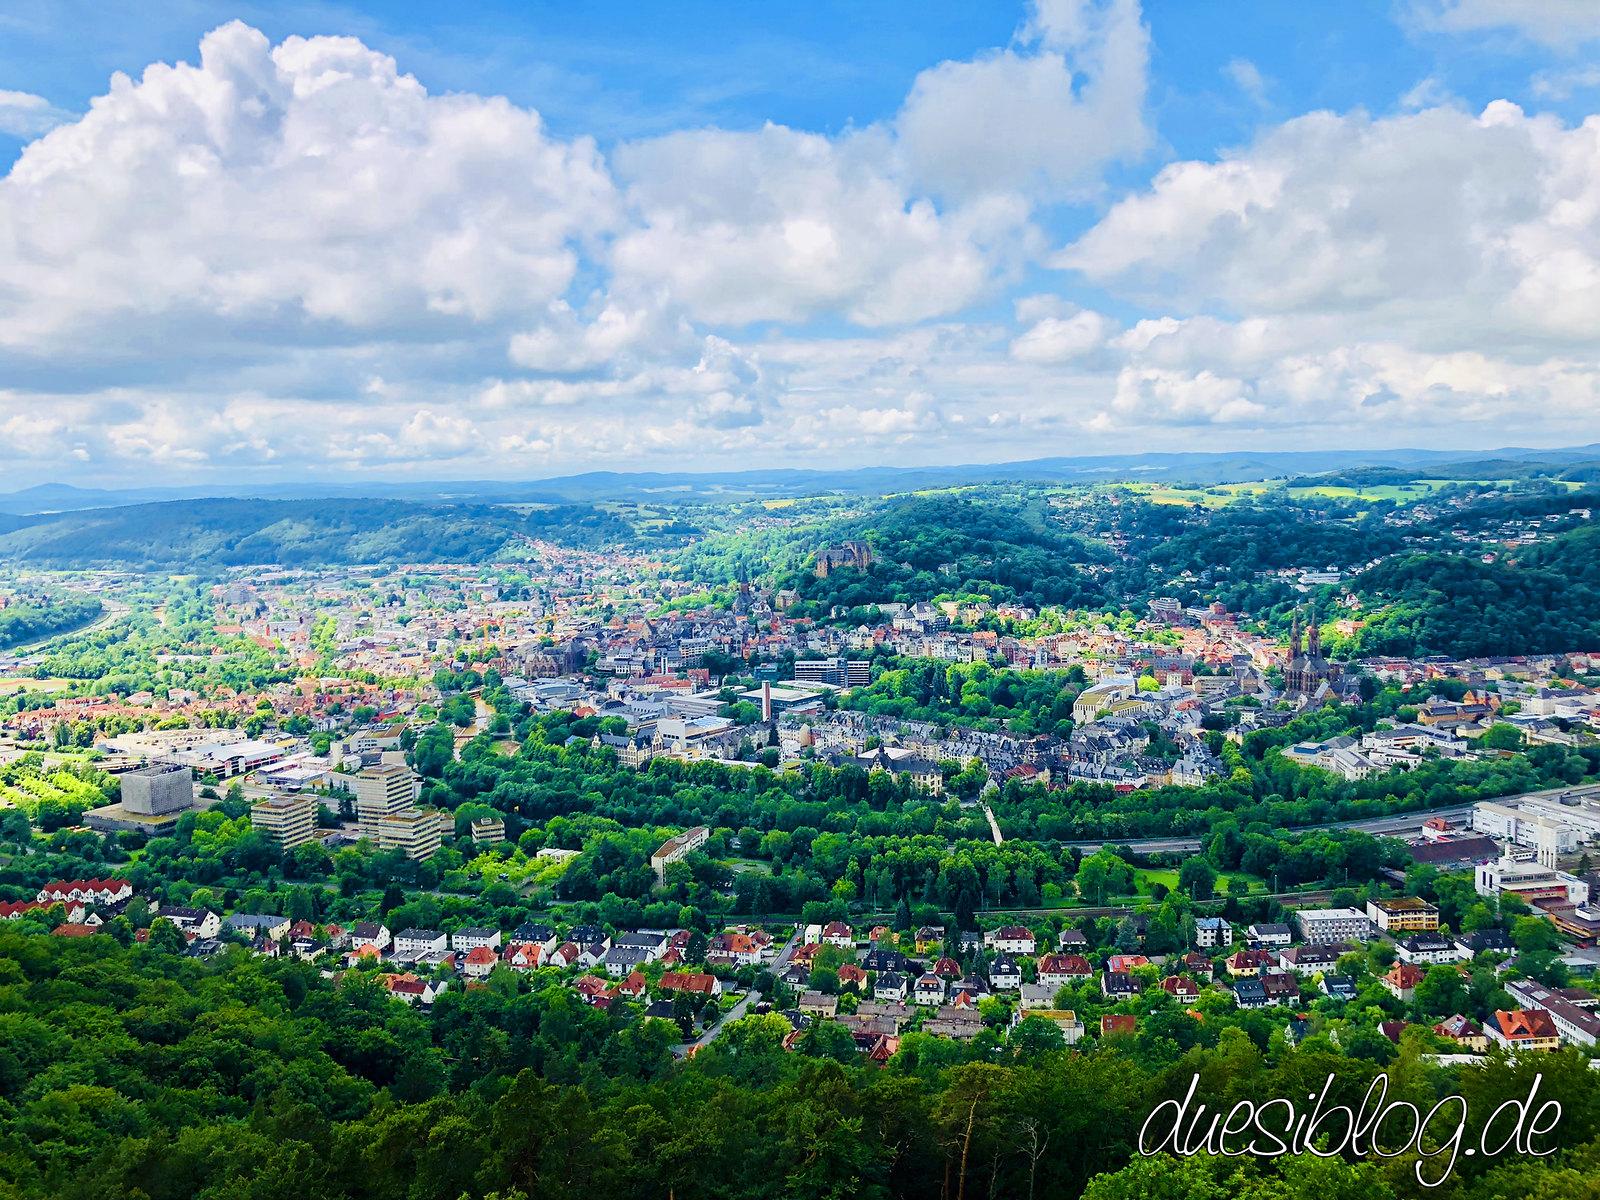 Marburg Kaiser-Wilhelm-Turm Spiegelslustturm Travelblog Düsiblog 06